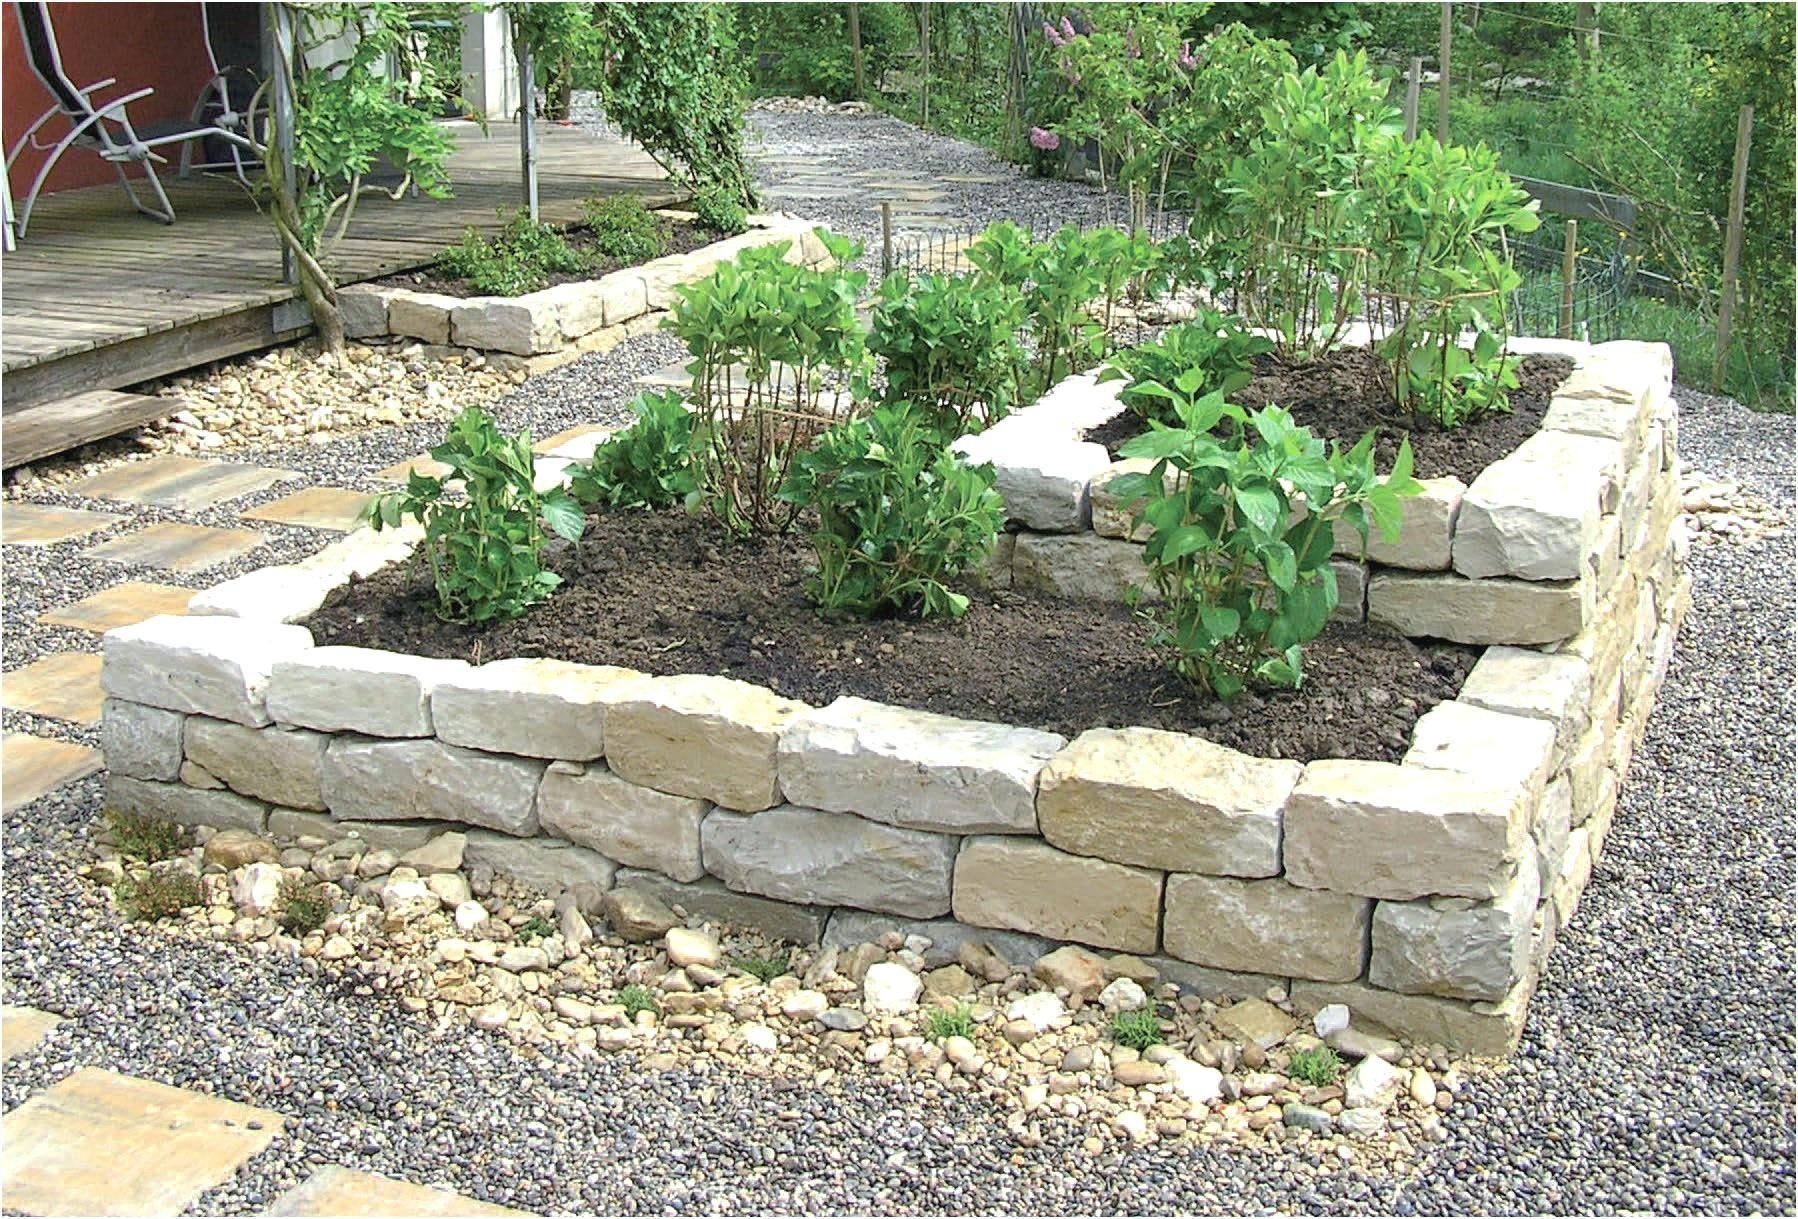 Hochbeet Ideen Luxus Selber Bauen Auf Beton Kreative Gartengestaltung Bilder Gartengestaltung Bilder Hochbeet Gartengestaltung Ideen